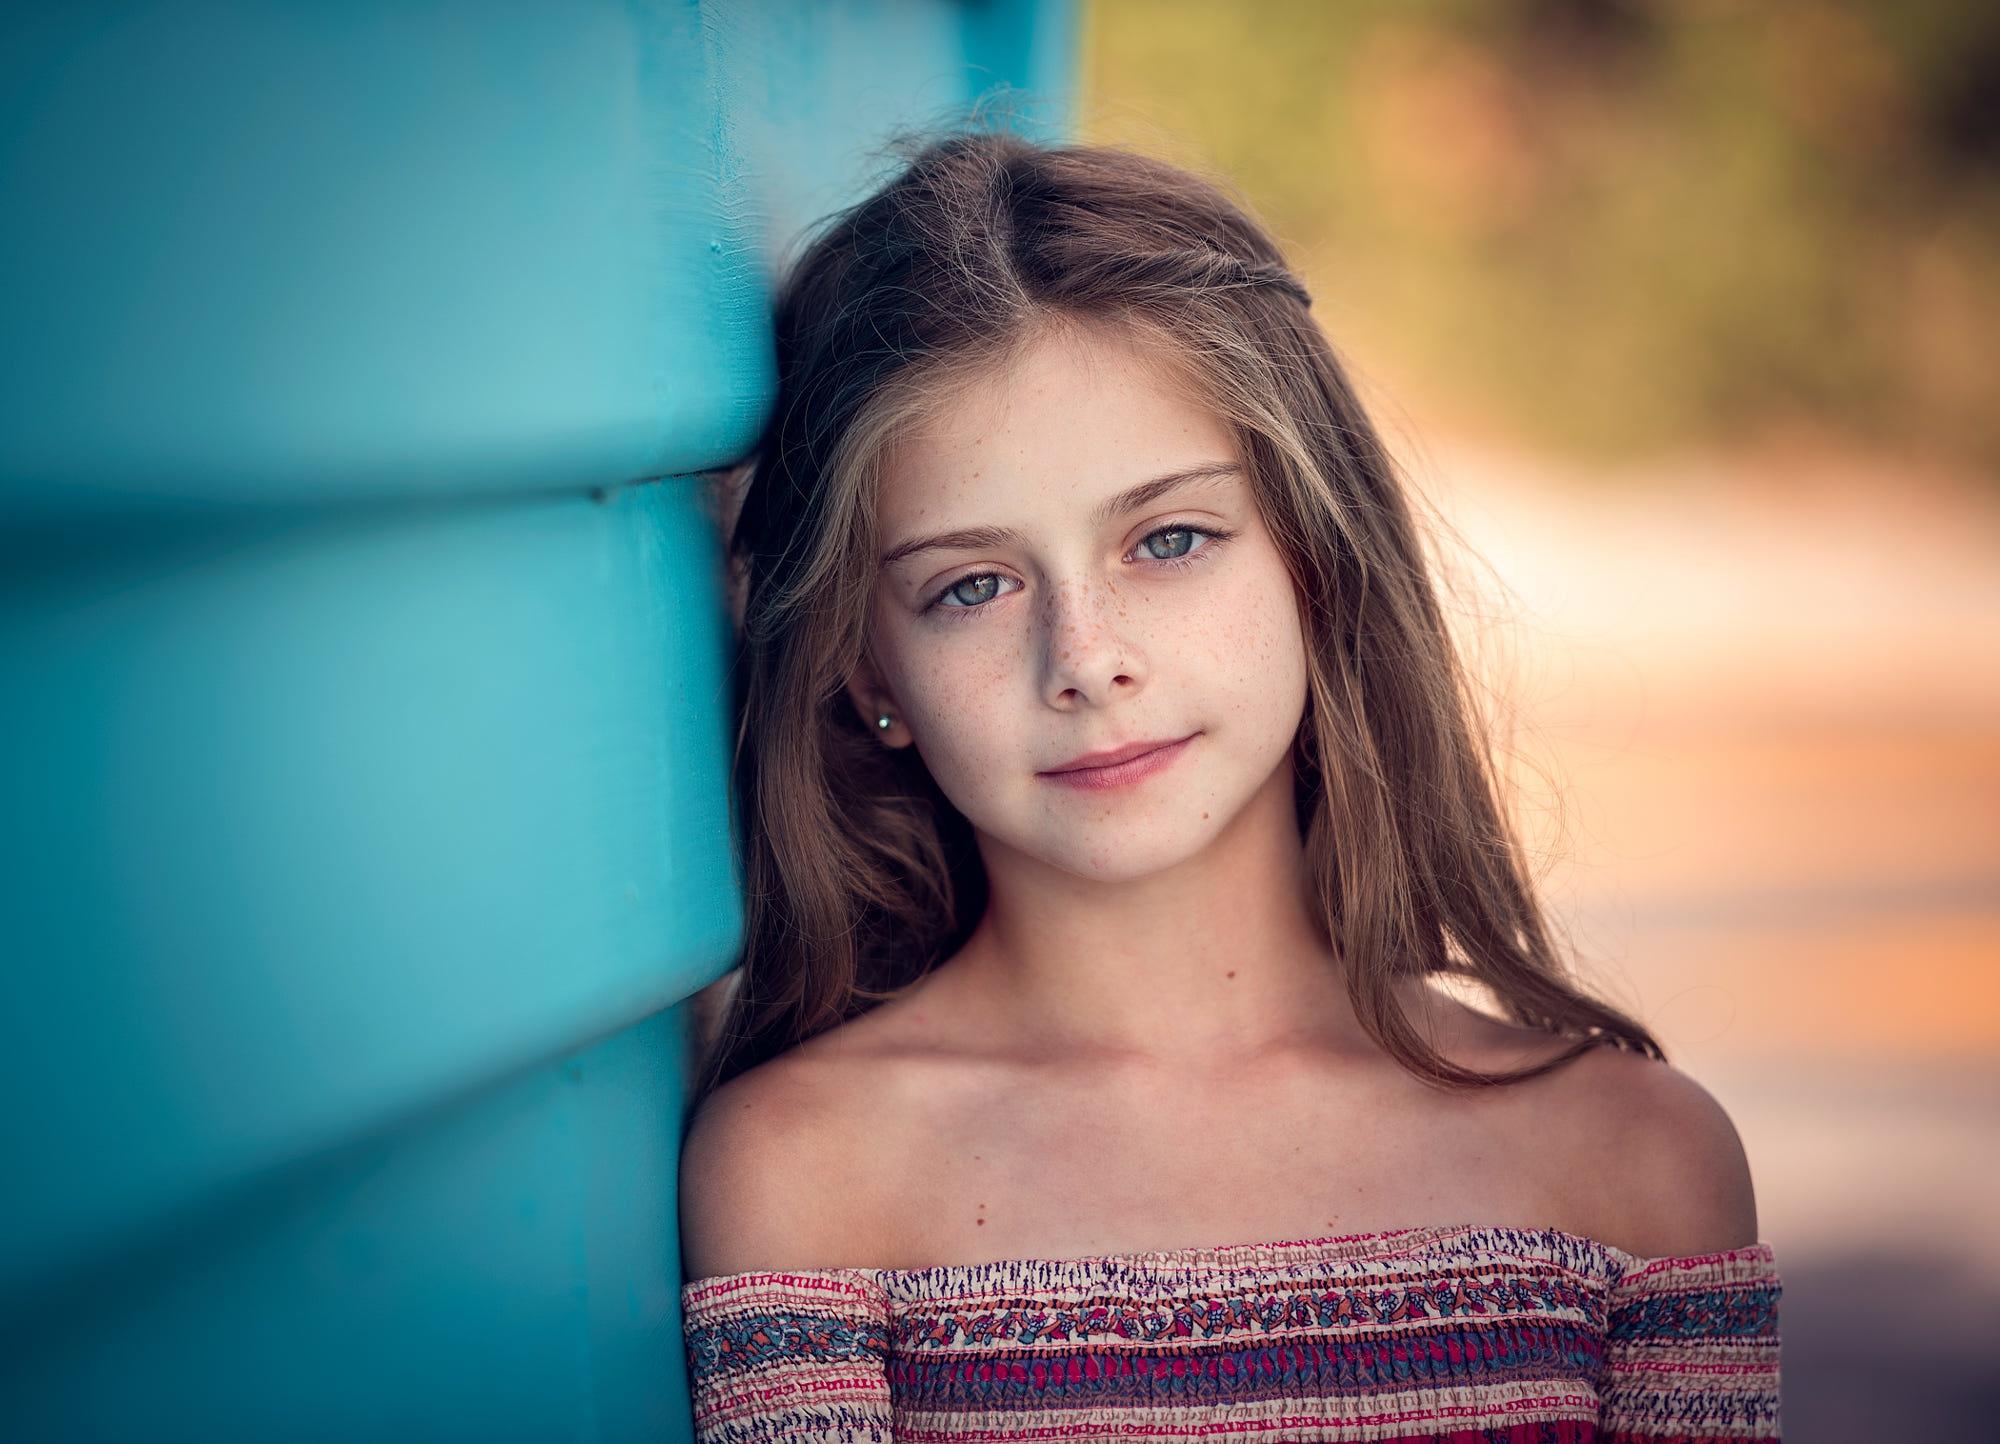 Молодая девочка картинка